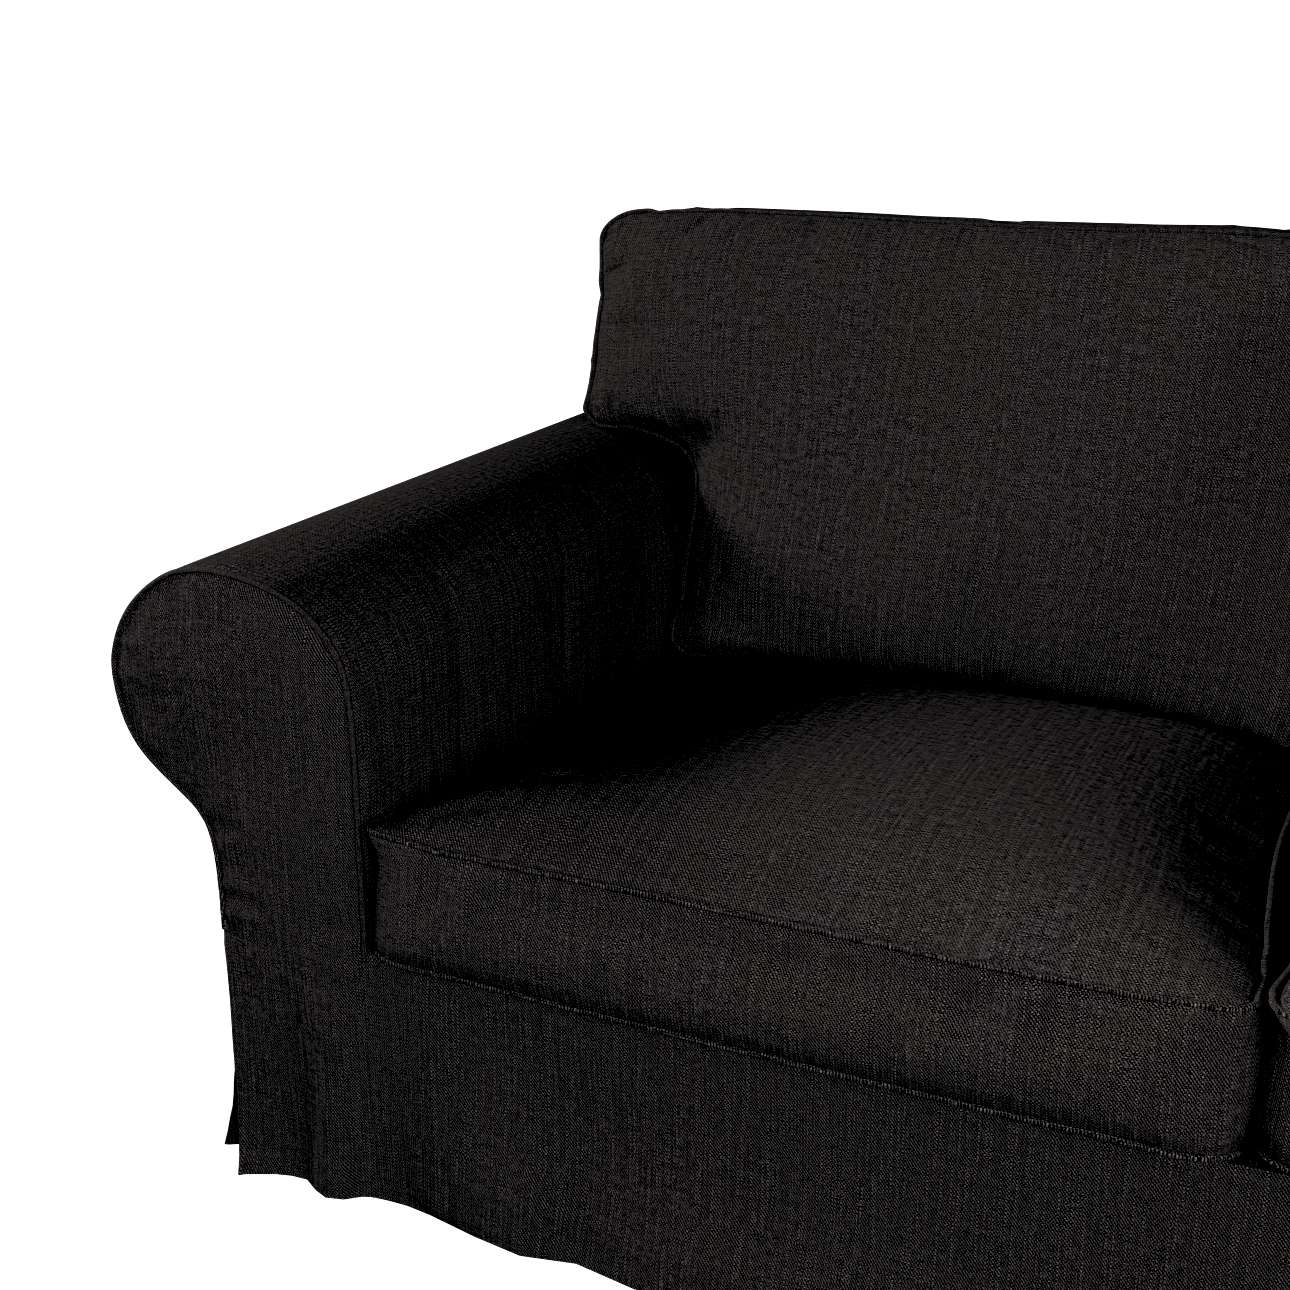 Pokrowiec na sofę Ektorp 2-osobową i leżankę w kolekcji Vintage, tkanina: 702-36